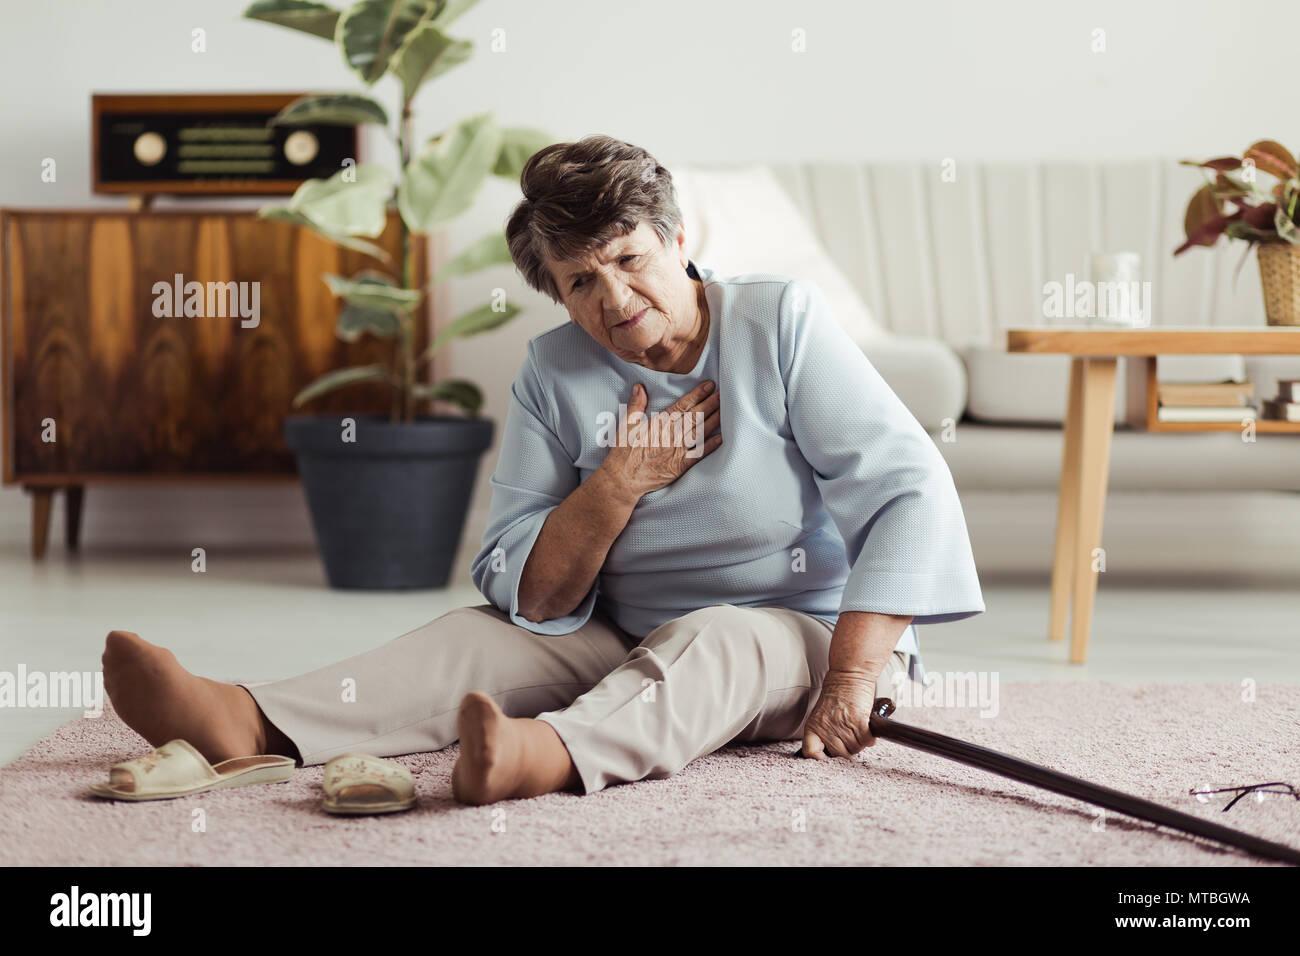 Disabilitato il sambuco signora seduta sul pavimento con un bastone da passeggio e tenendo premuto il suo torace dopo la caduta verso il basso Foto Stock